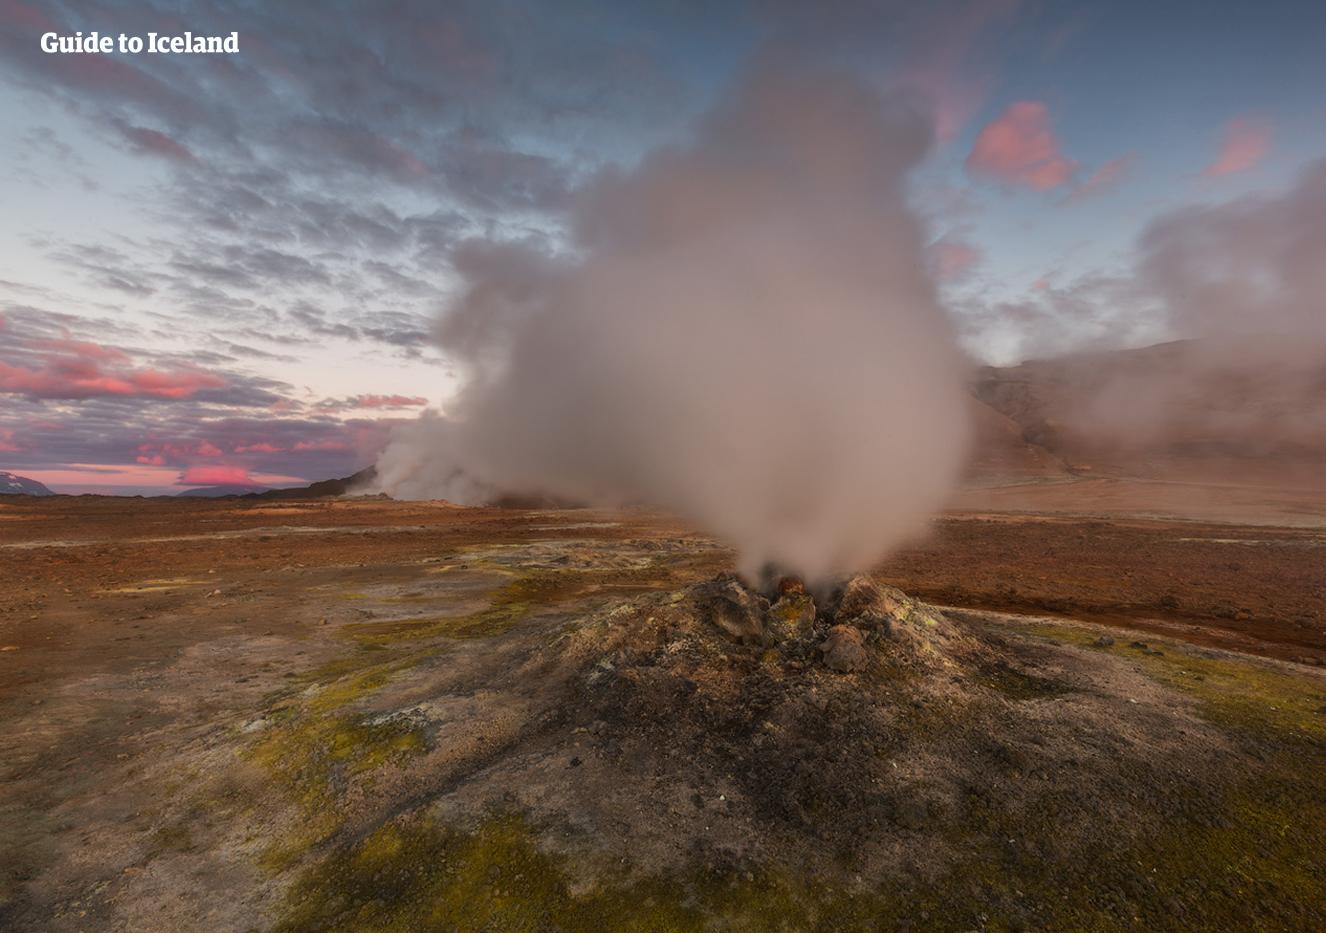 从冰岛北部米湖附近地热区缓缓升起的地热